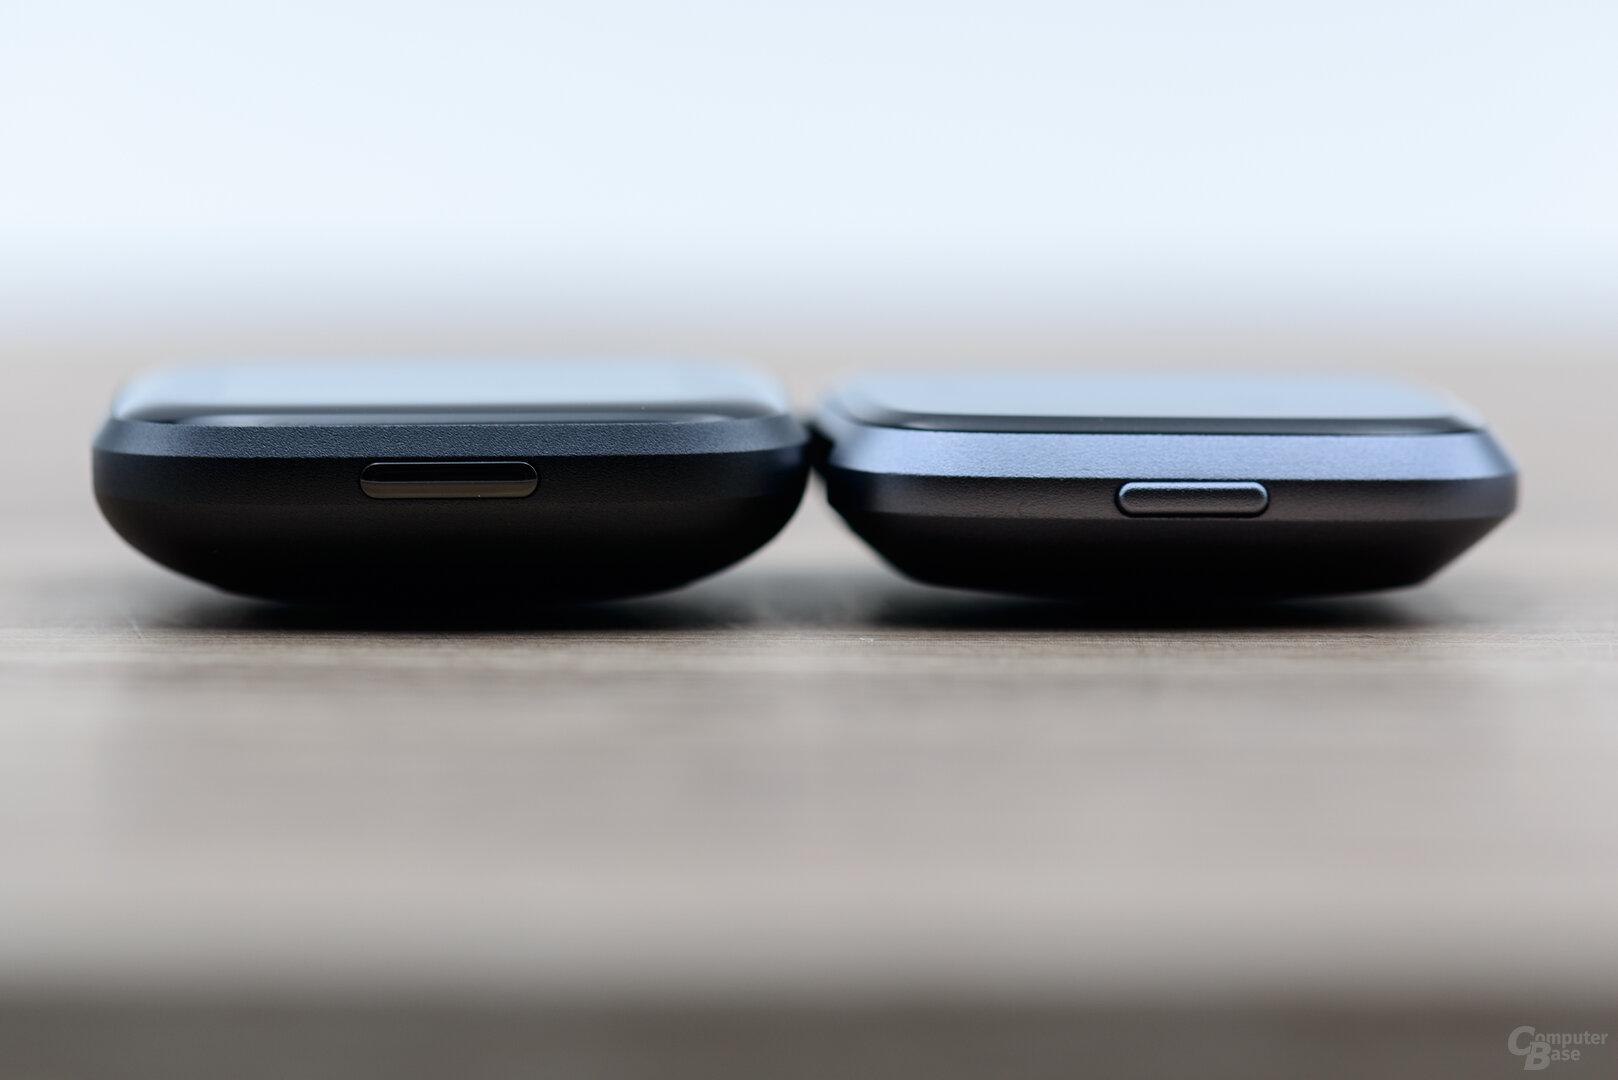 Fitbit Versa 2 und Versa: Höhenvergleich